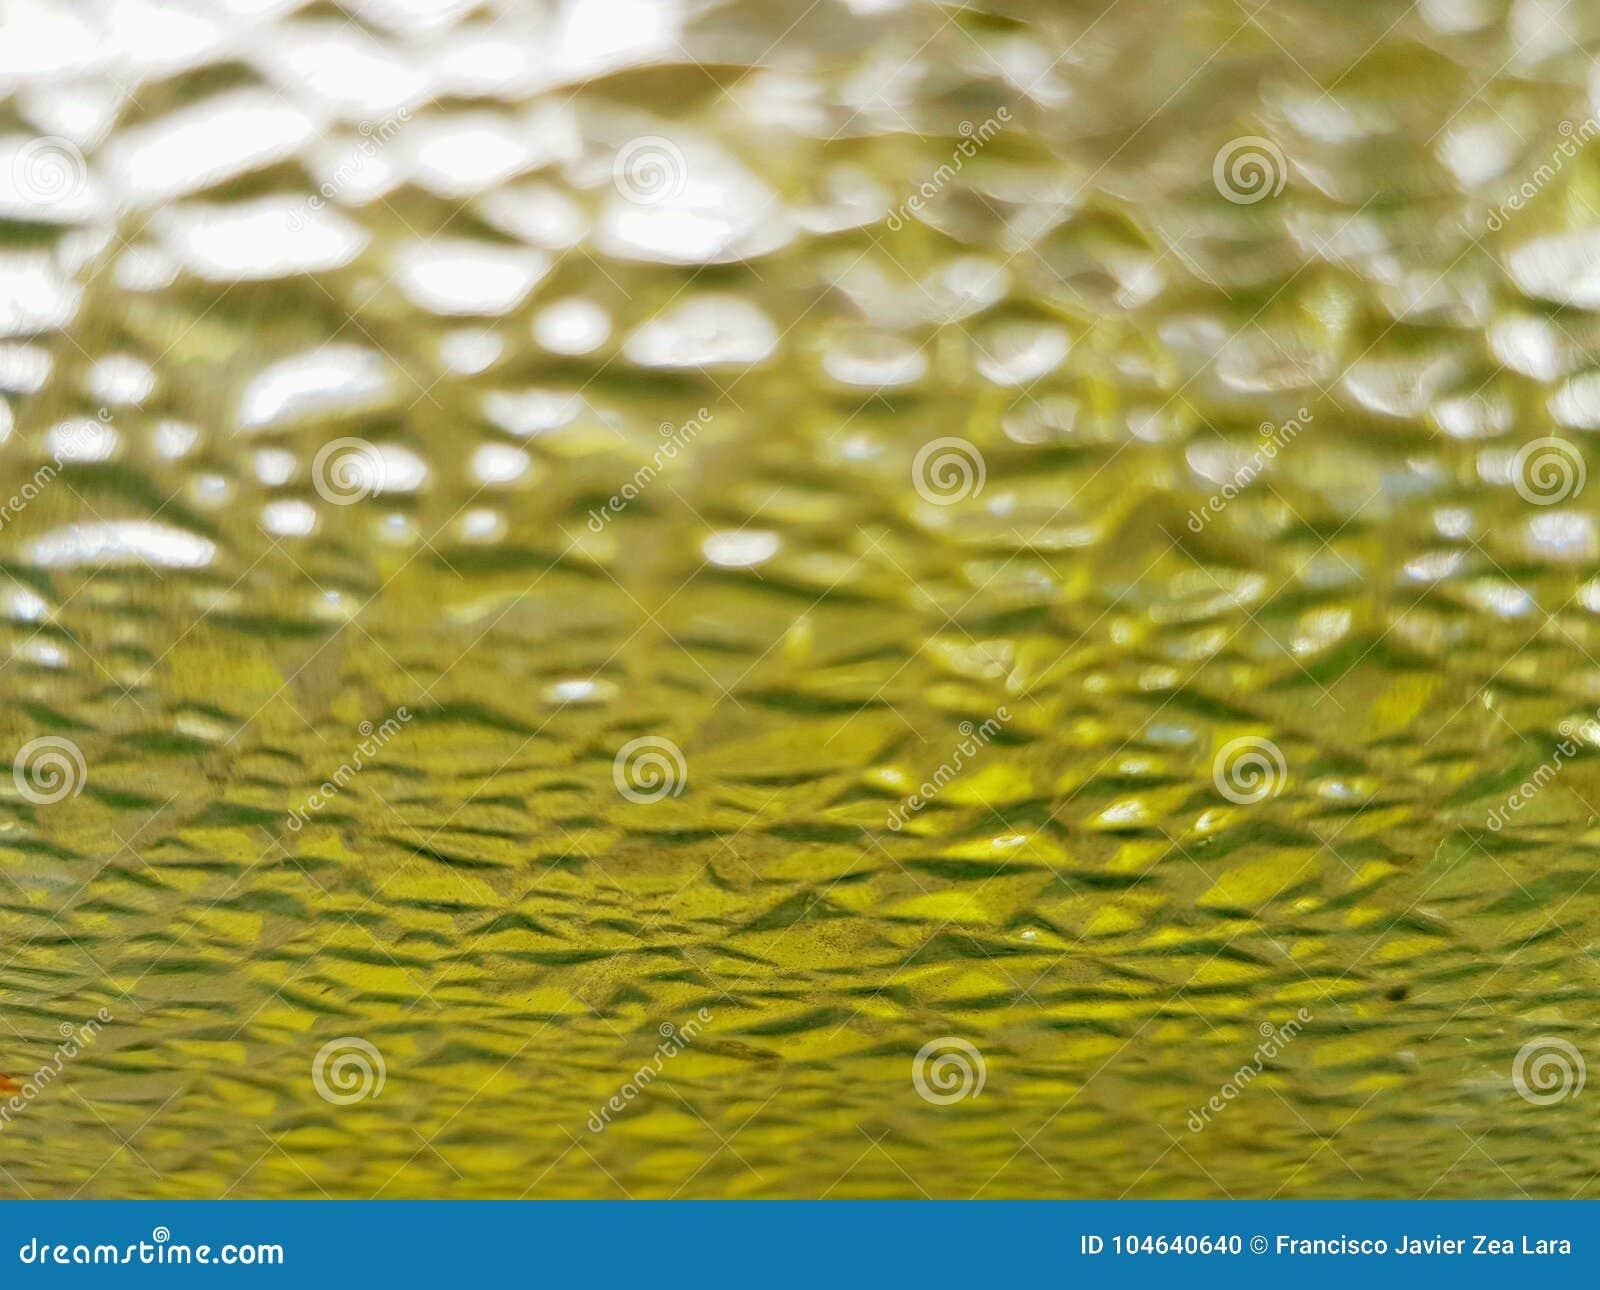 Download Glaskorrels Met Gele, Vuile, Geweven Achtergrond Stock Foto - Afbeelding bestaande uit samenvatting, geweven: 104640640